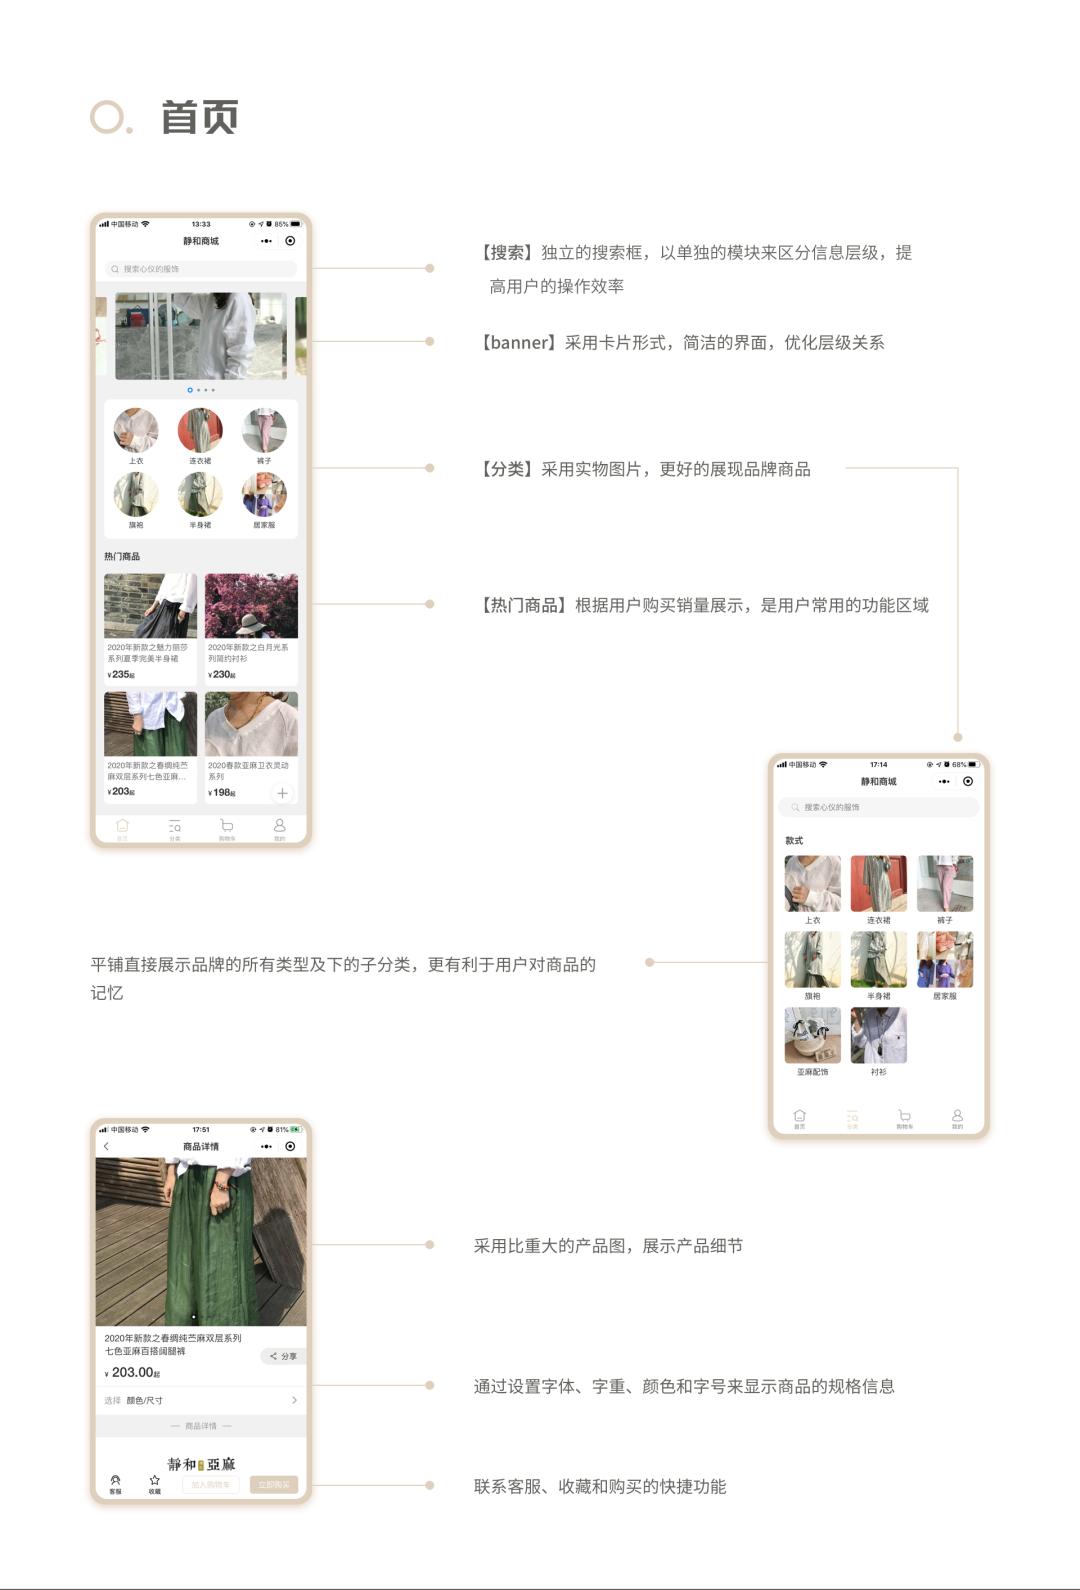 产品案例 | 在线商城交易-天问信息团队博客平台